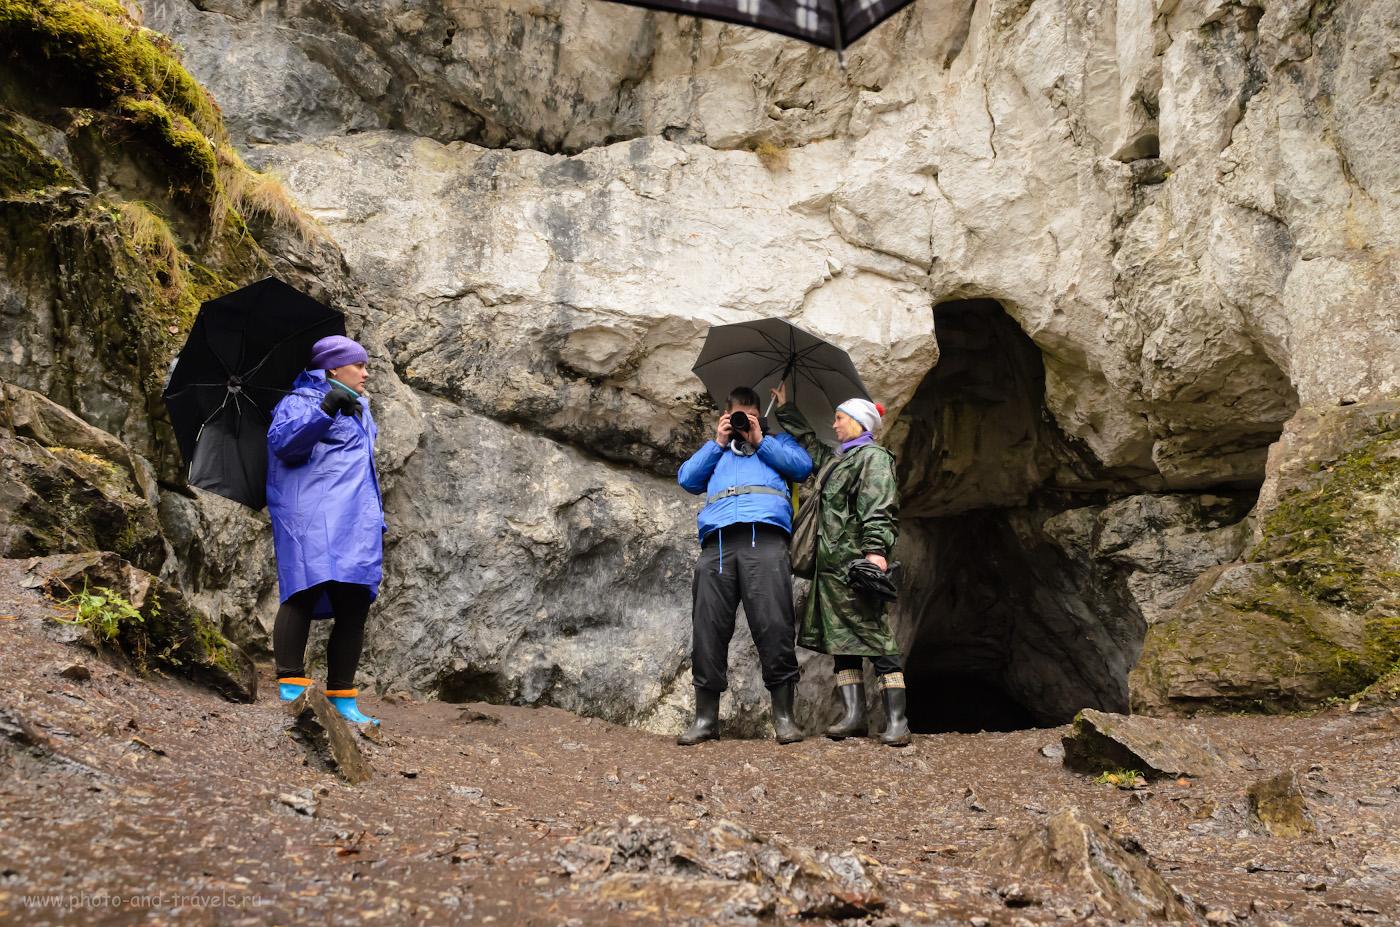 20. Небольшой грот в Оленьих ручьях, где была обнаружена стоянка древнего человека. Официально он называется «Пещерой стоянки древнего человека». Поход выходного дня по Среднему Уралу. 1/40, 1000, 9.1, 17.